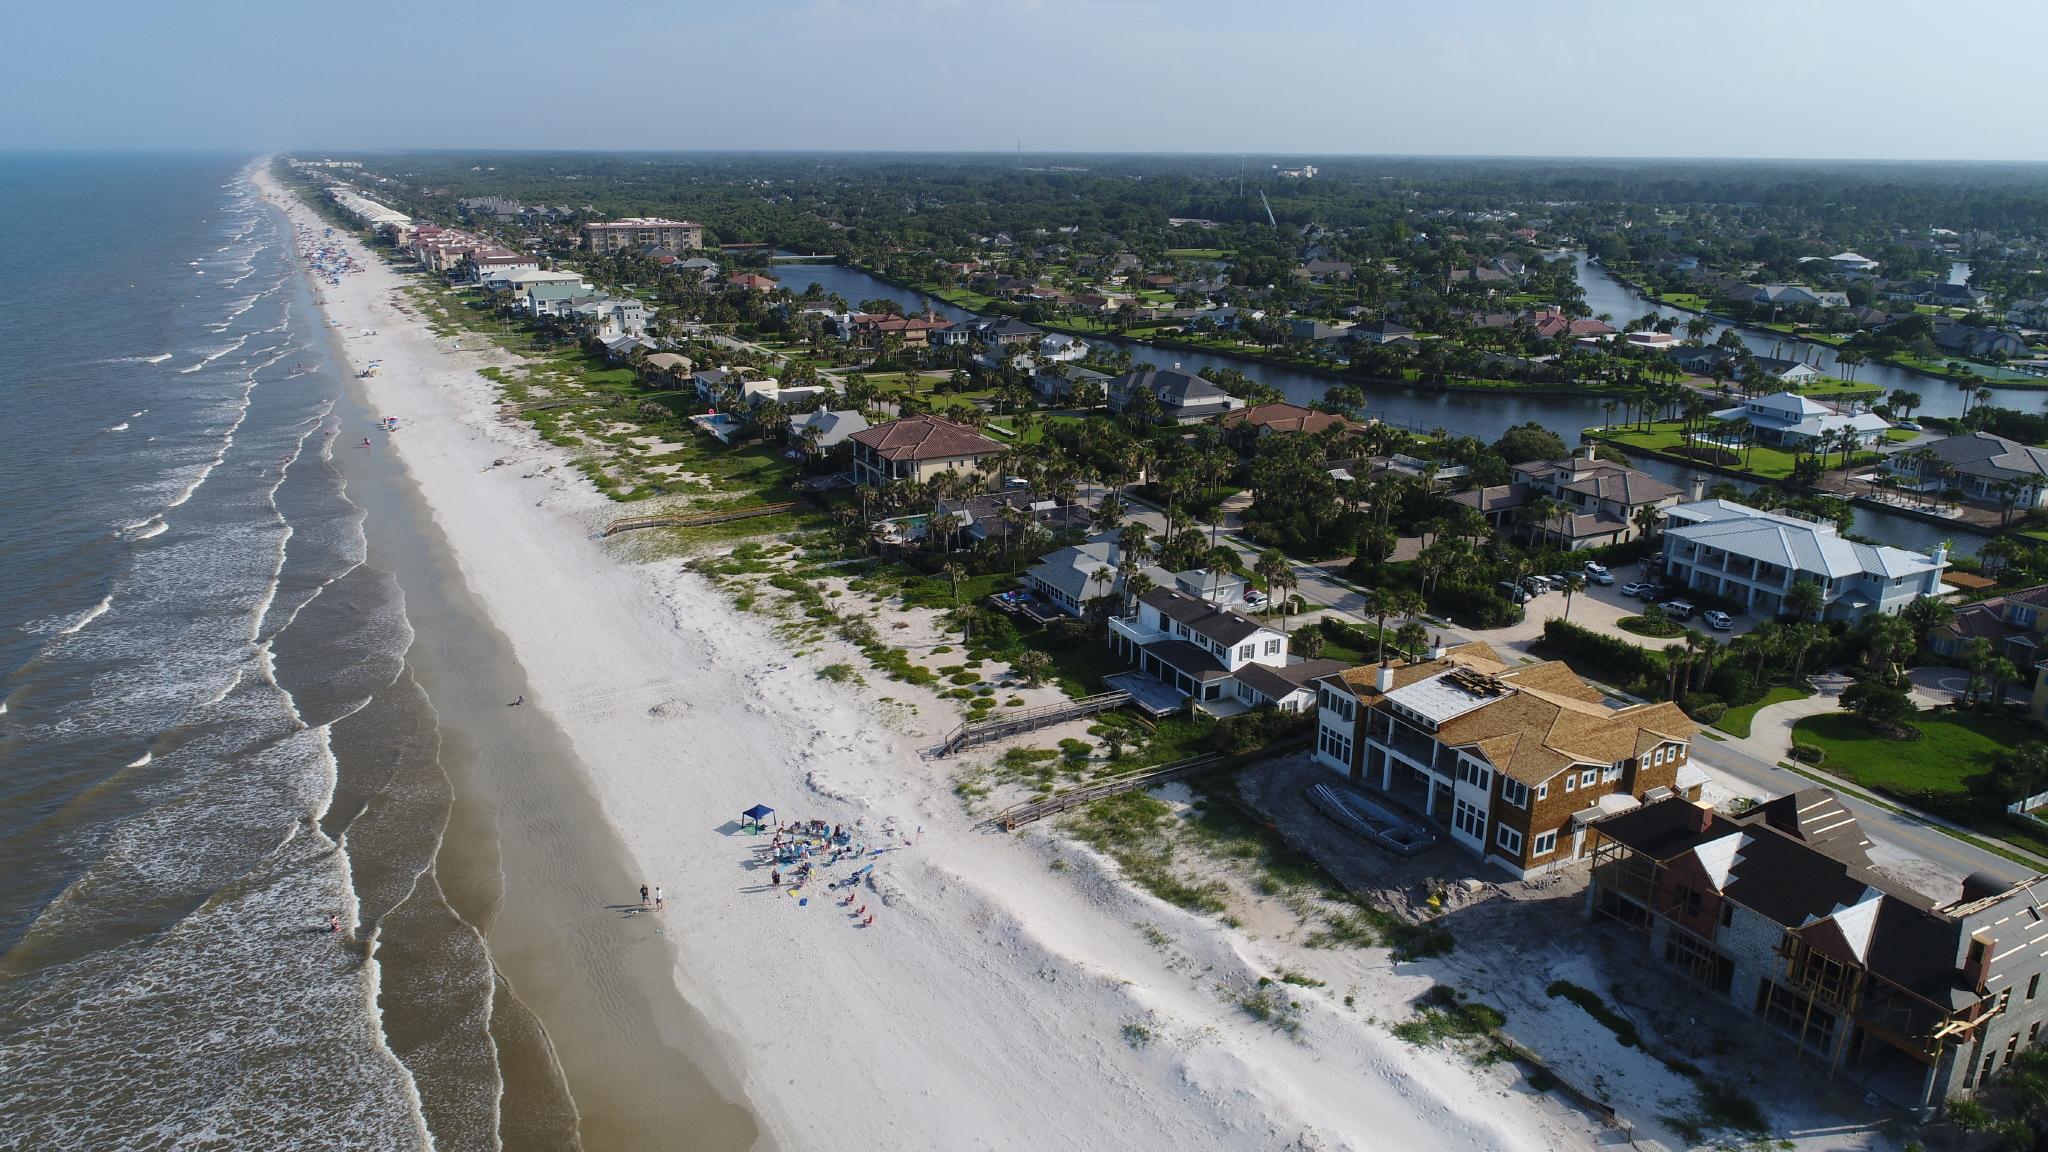 Drone Filming - Beach